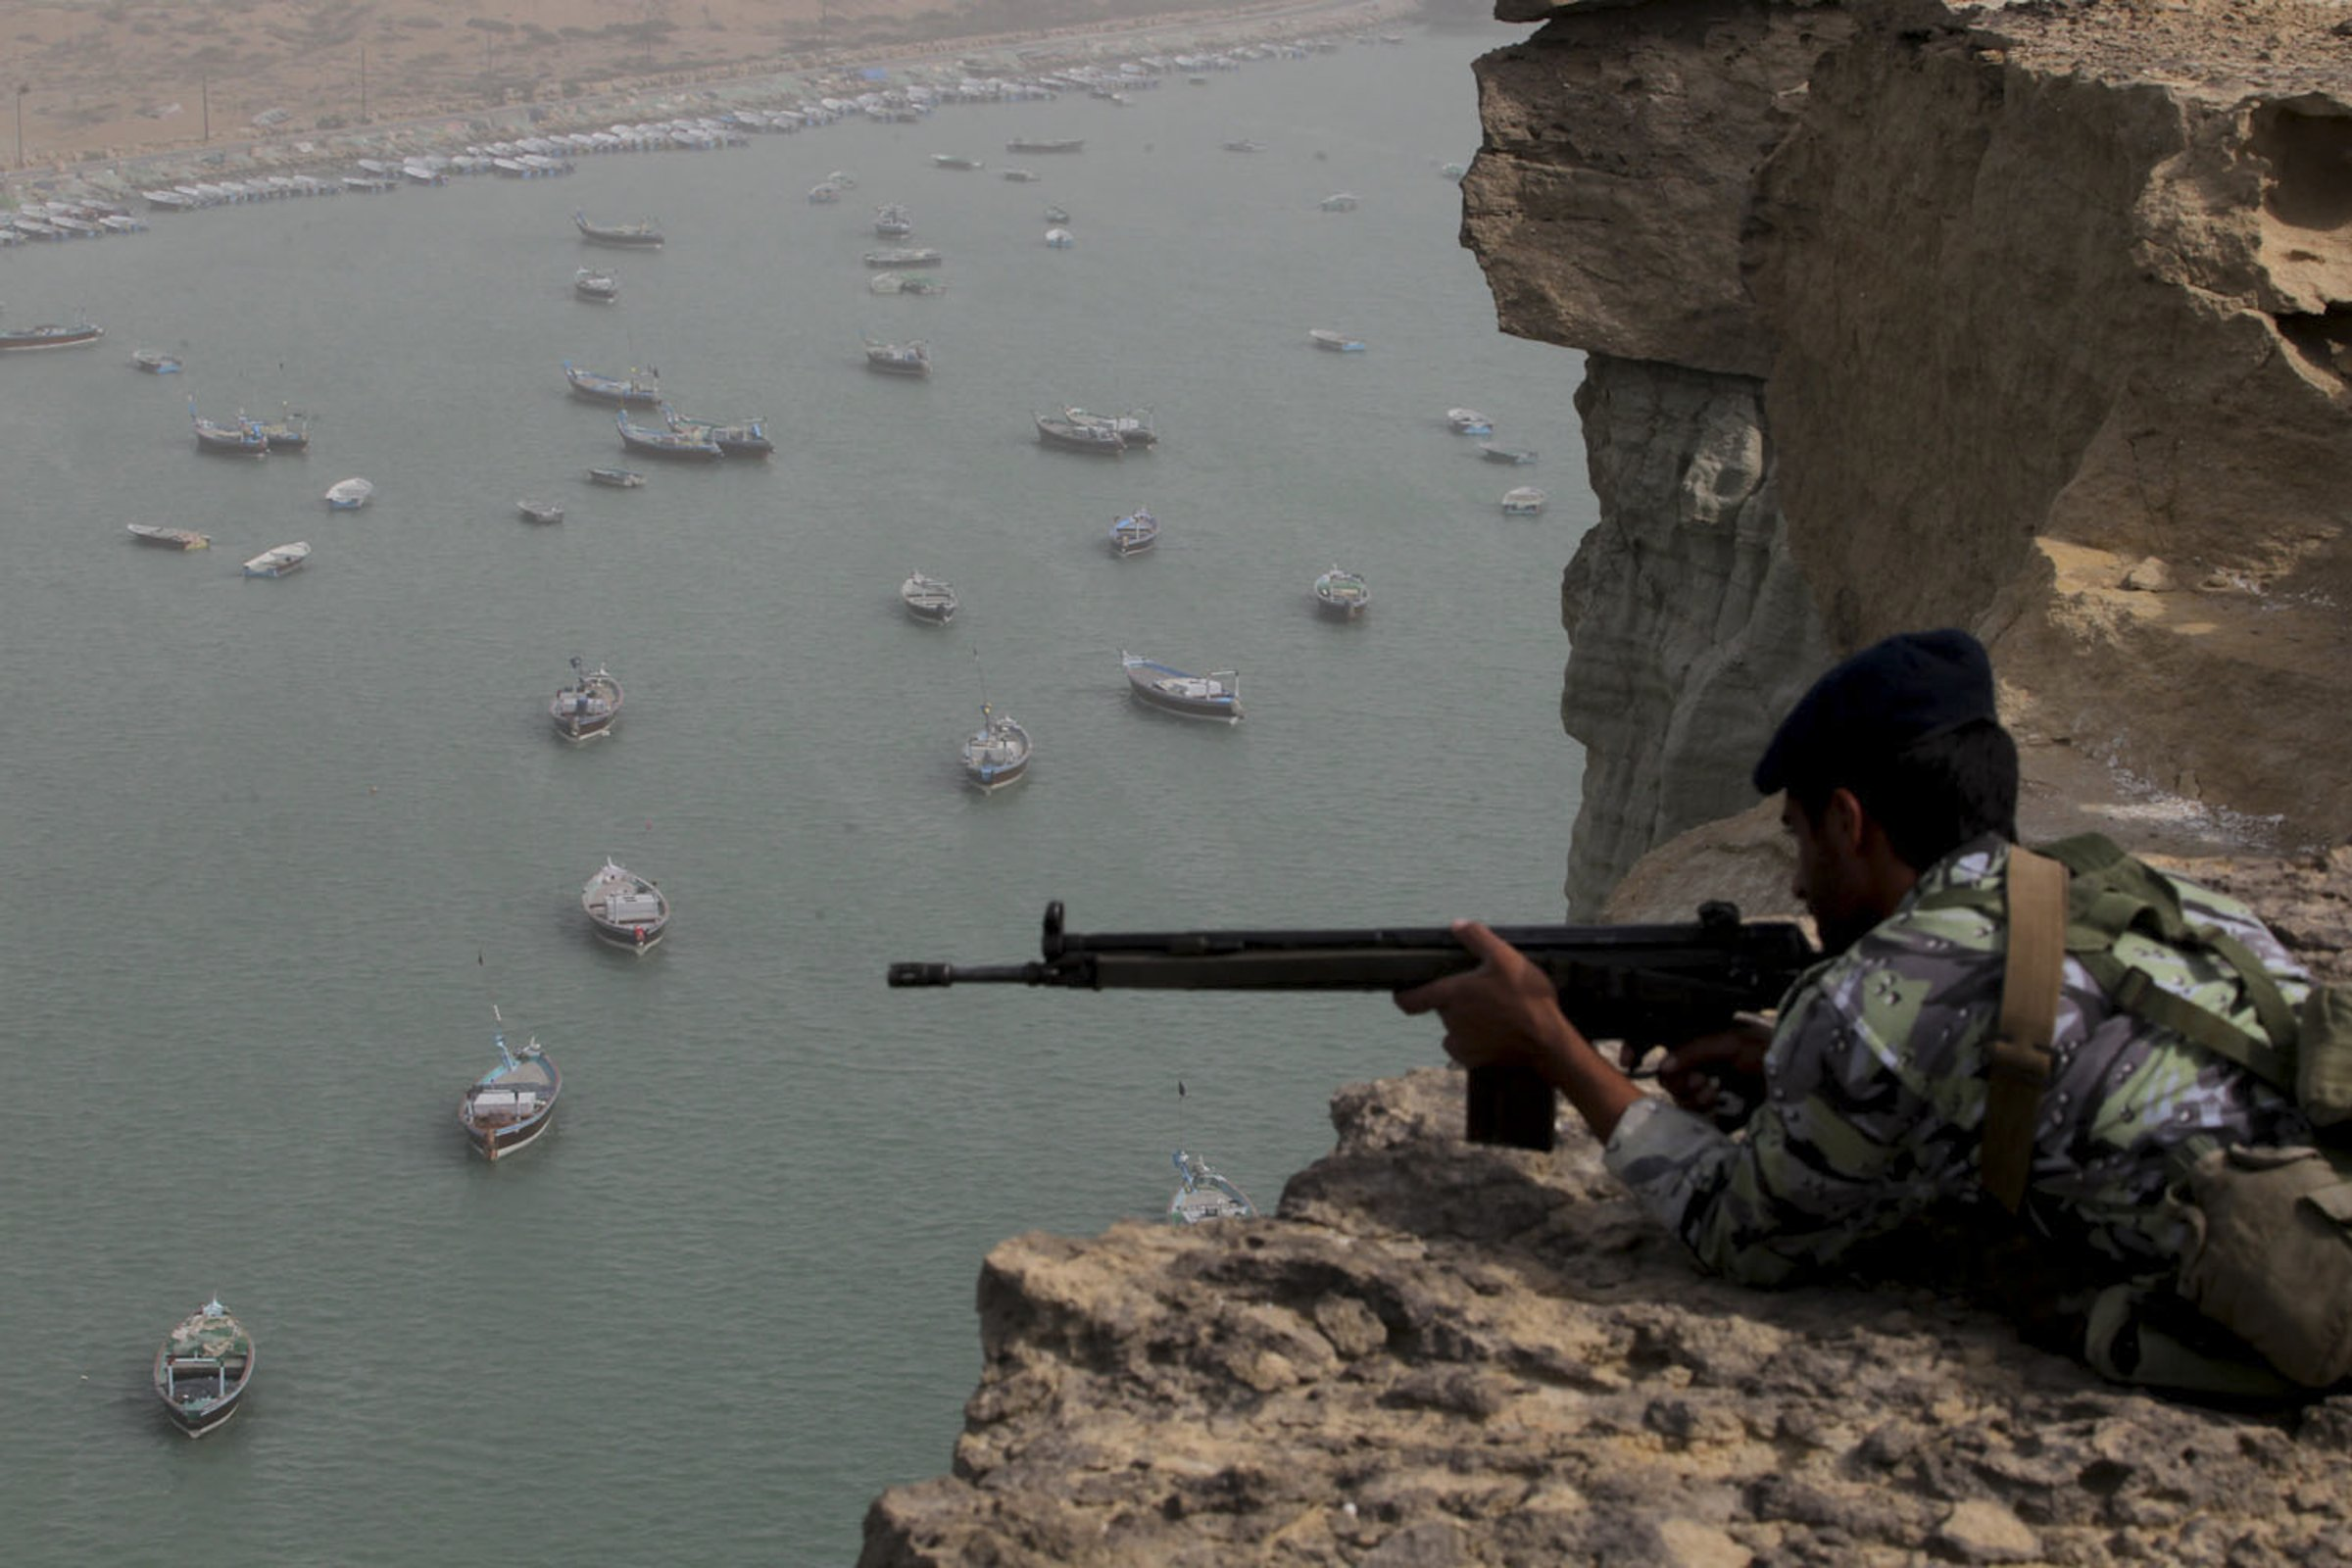 ایران در جنگ از طریق این 4 راه، می تواند آمریکا را در تنگه هرمز و منطقه زمین گیر کند